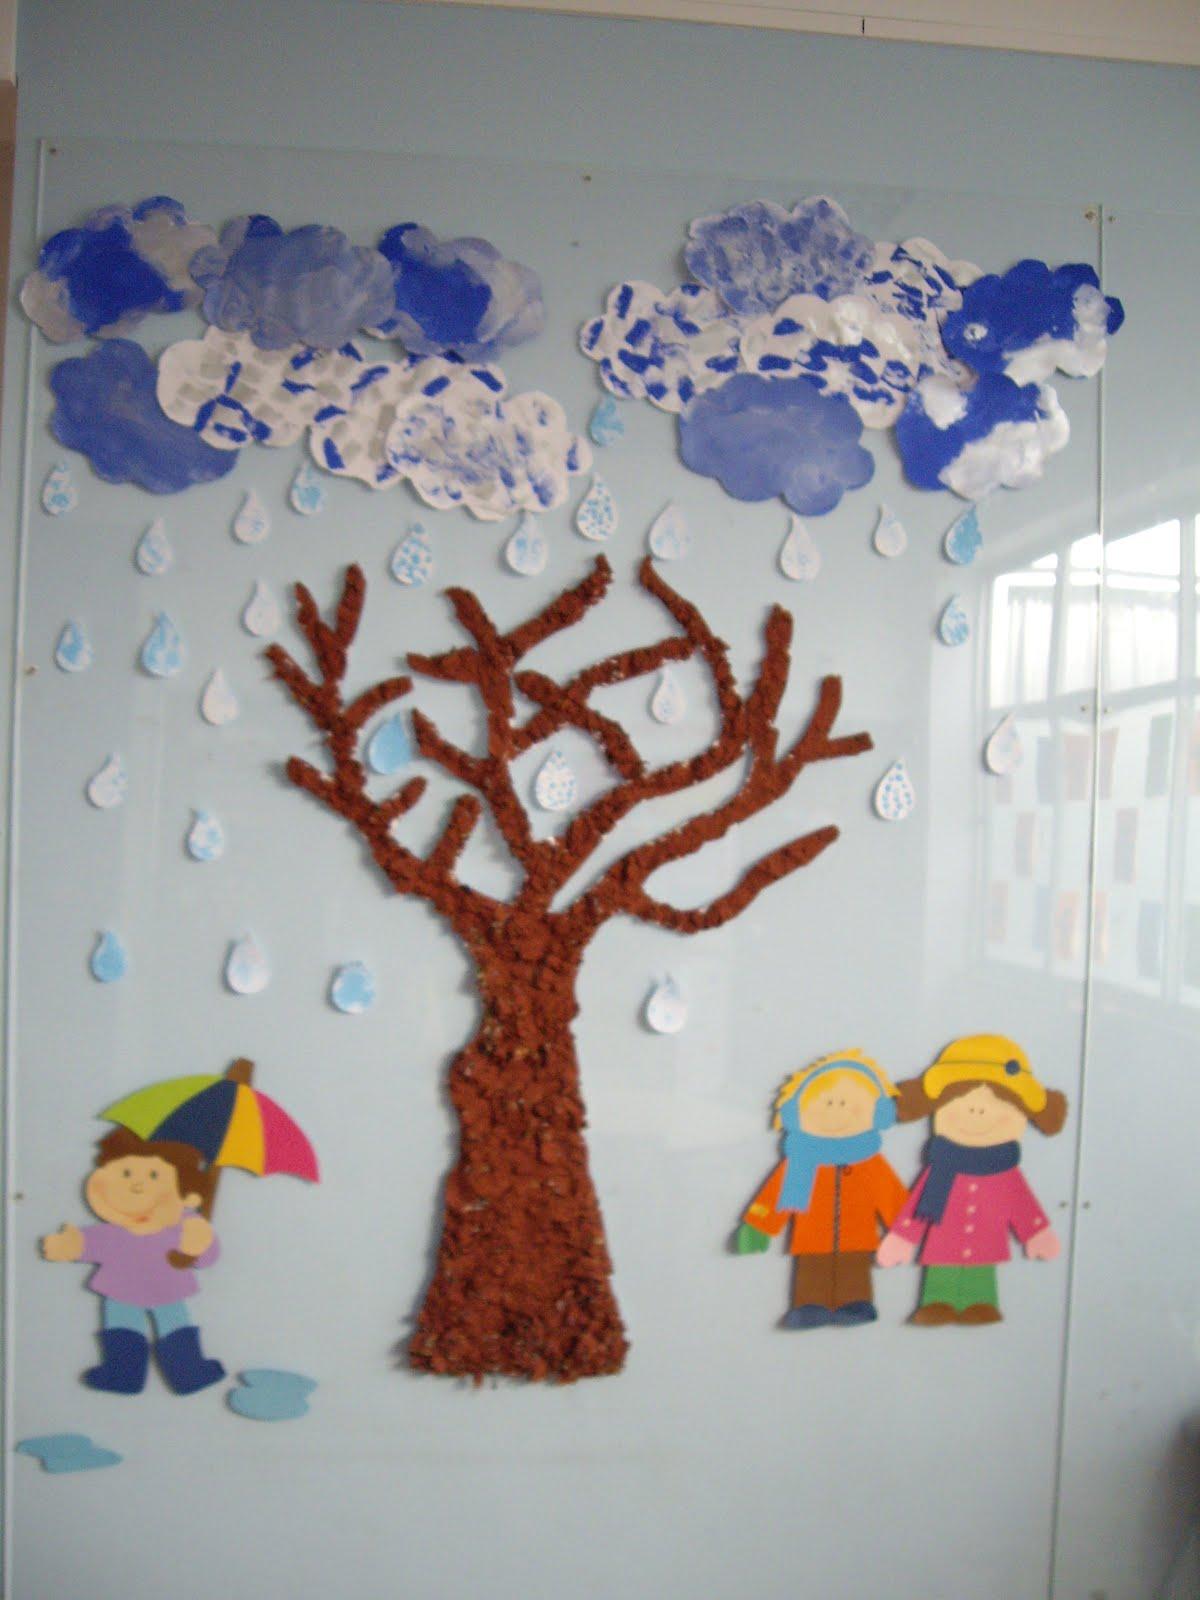 ideias para o outono jardim de infancia : ideias para o outono jardim de infancia:PIRATAS: PAINEL DE INVERNO NO JARDIM DE INFÂNCIA